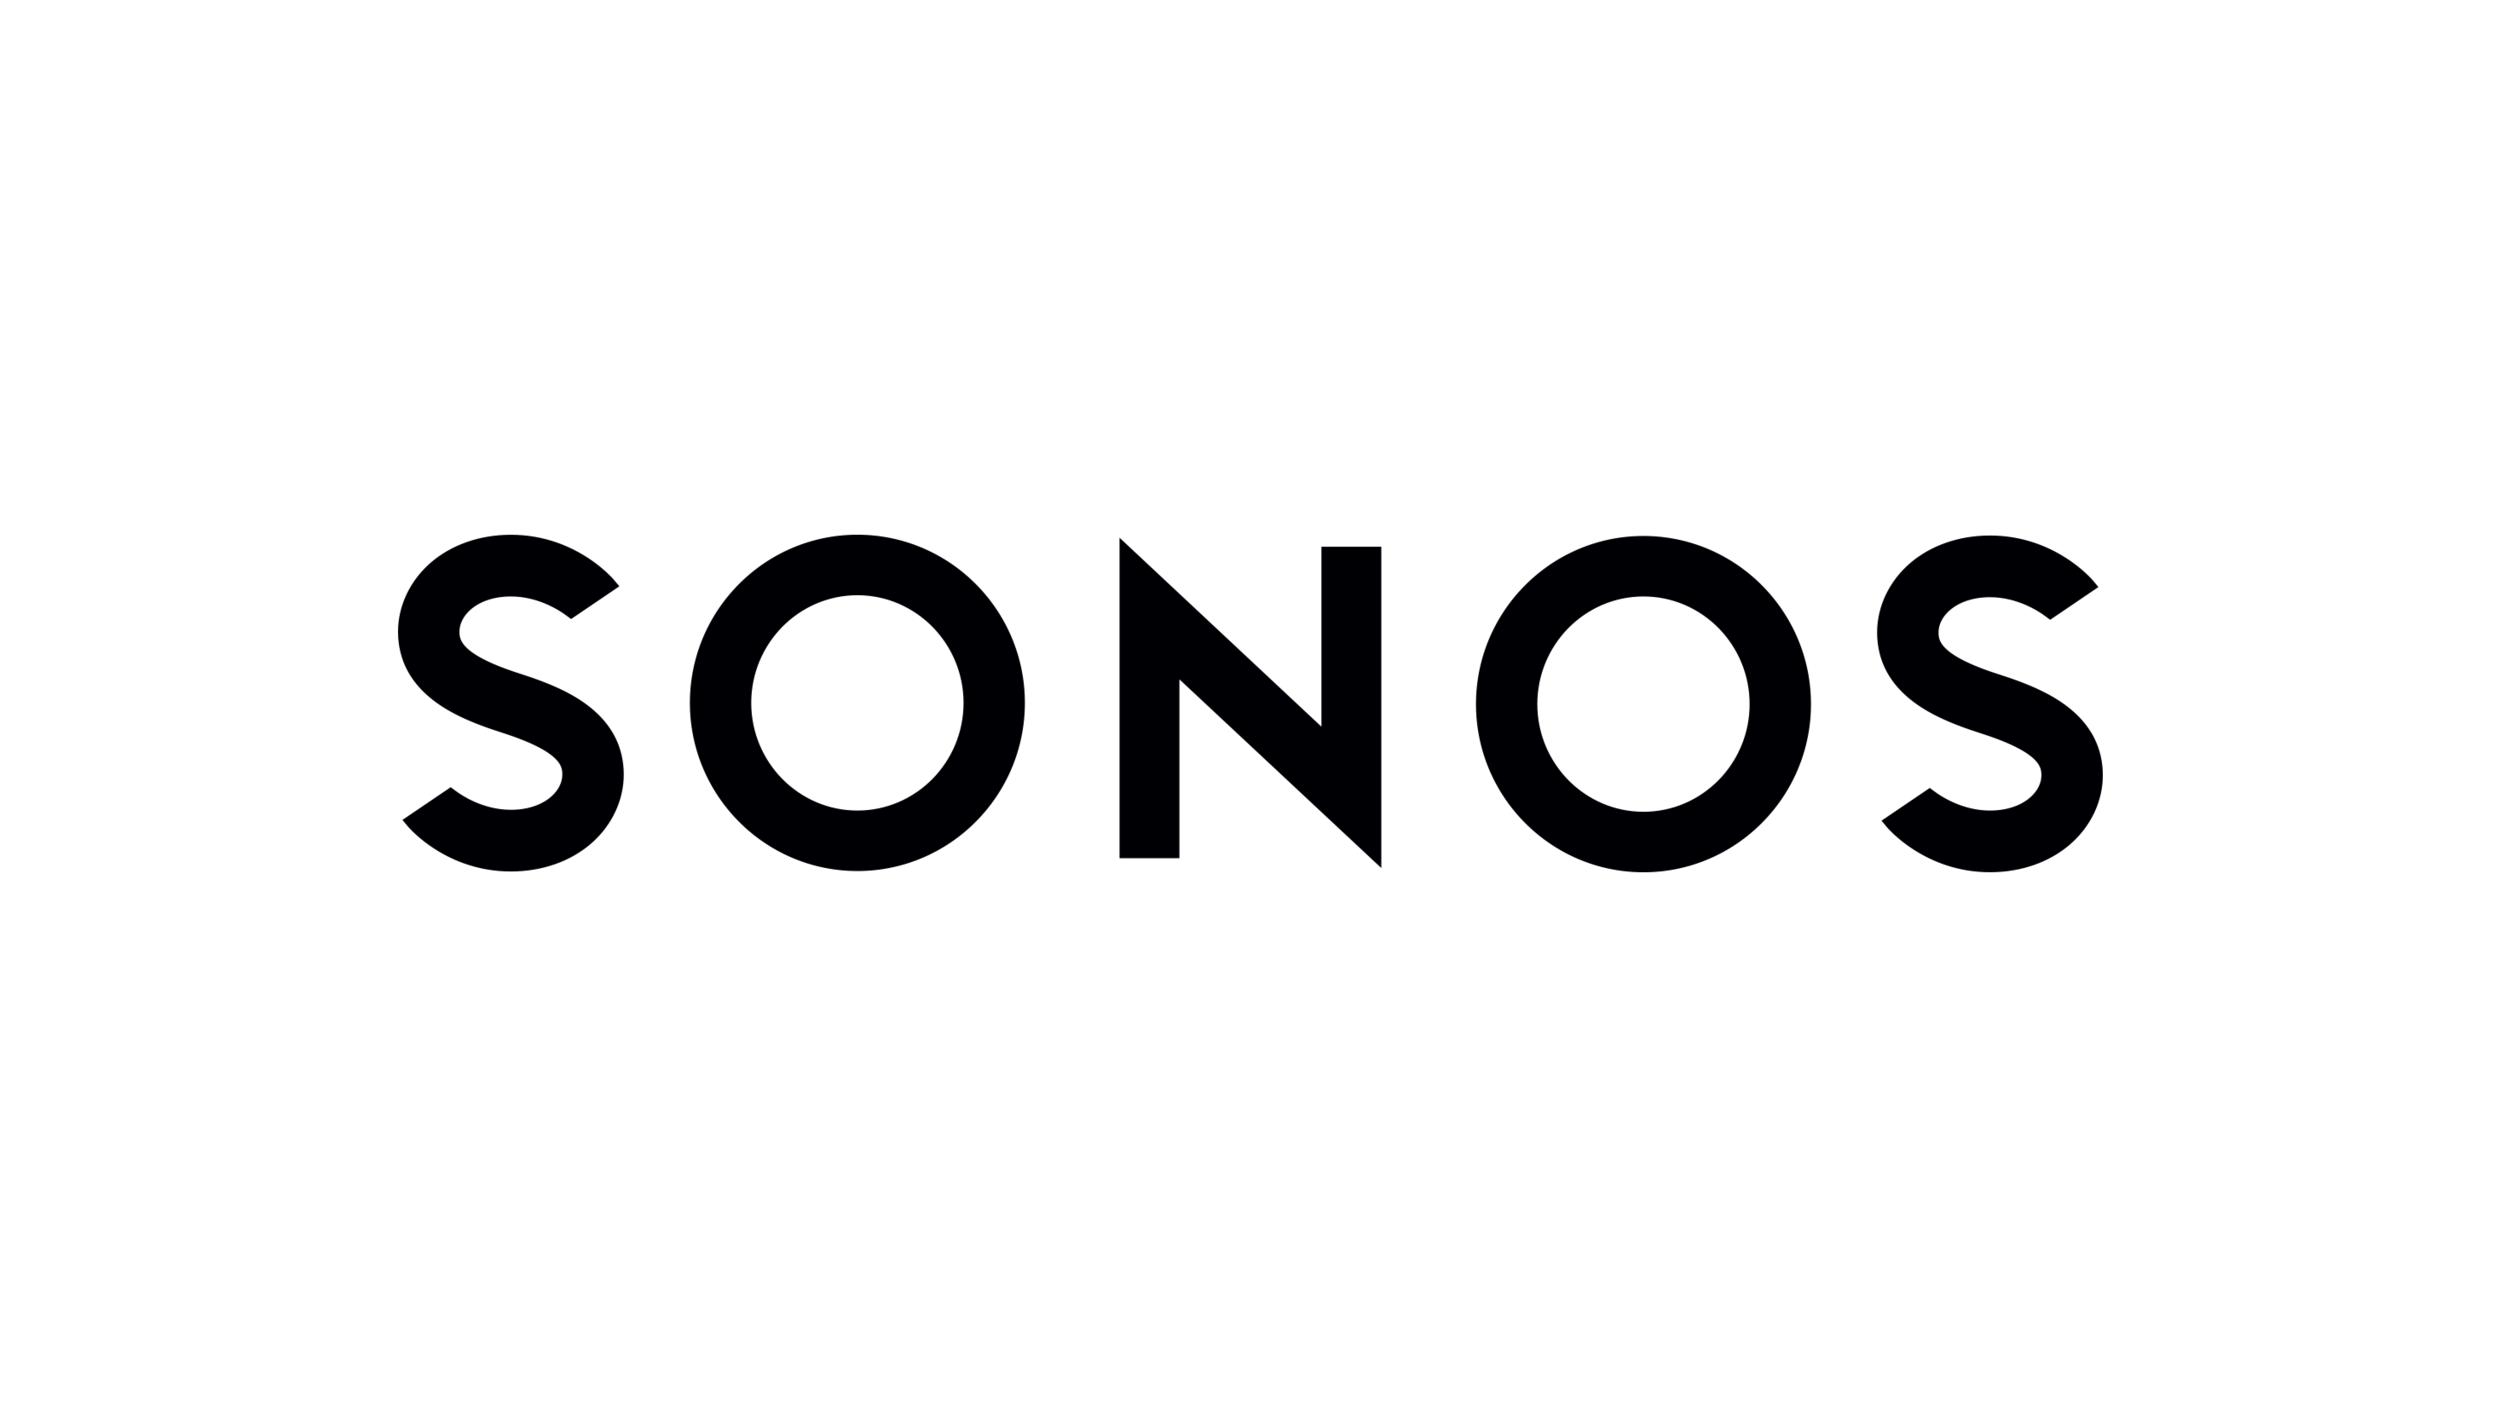 sonos_43.png